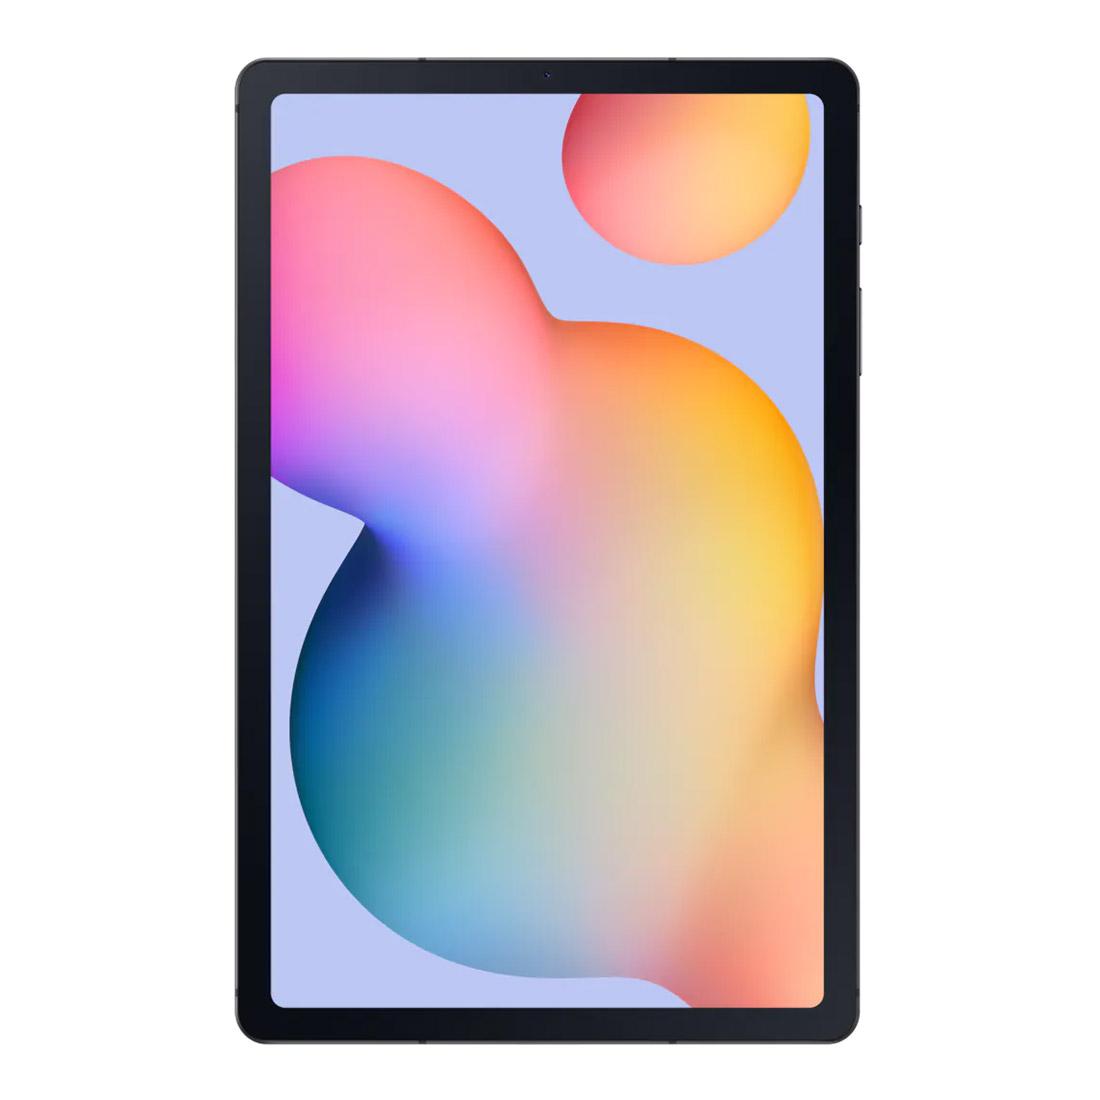 Samsung Galaxy Tab S6 Lite (128GB, WiFi + 4G, P615) - Oxford Grey